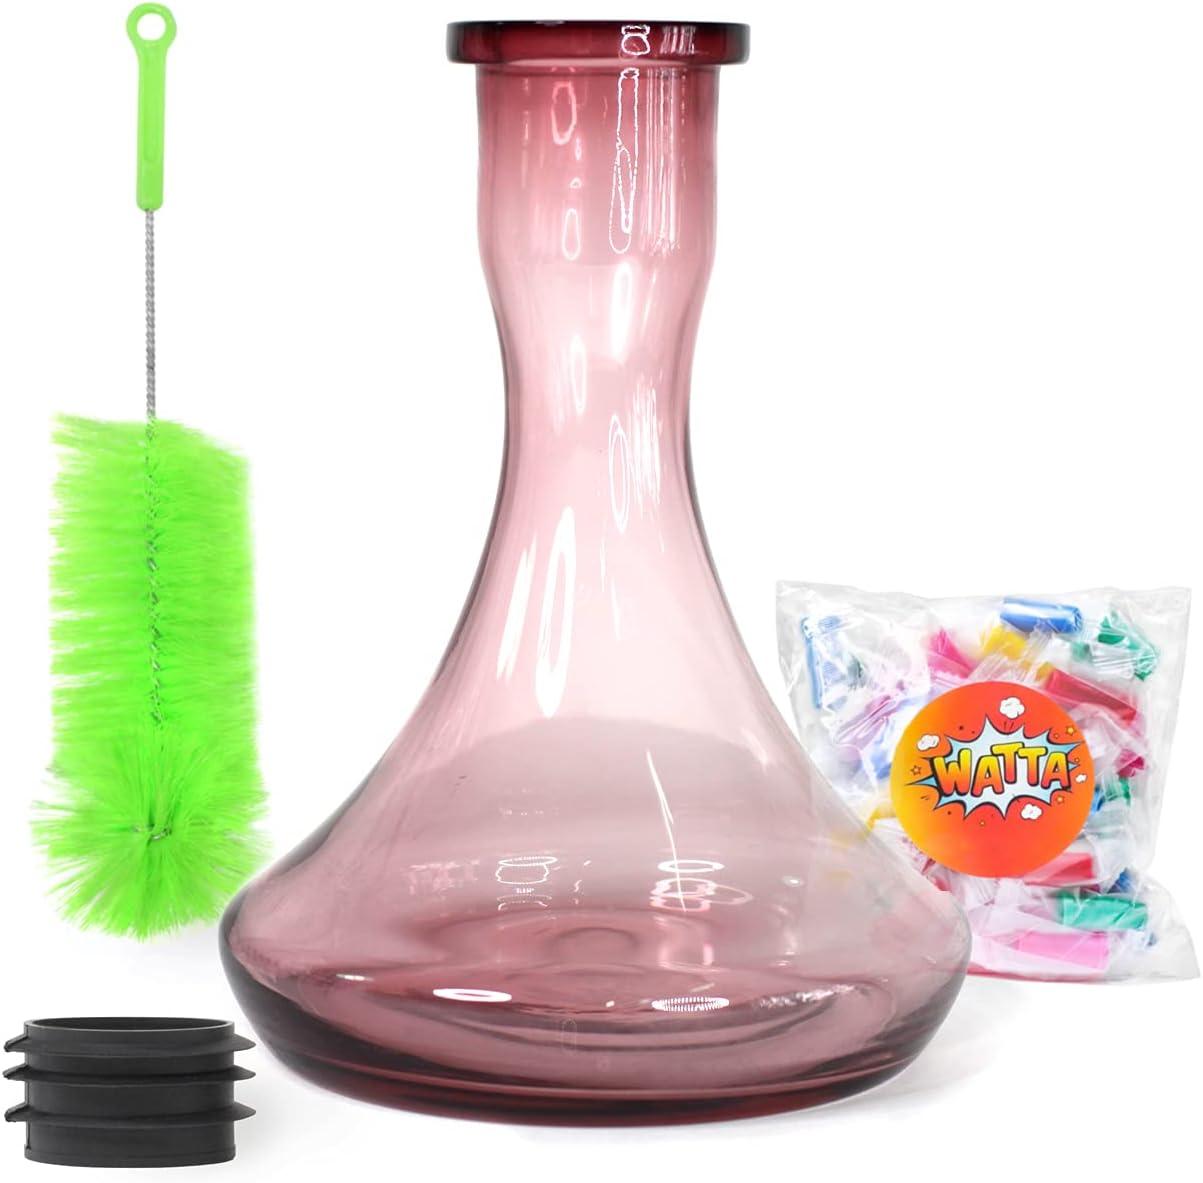 Base carmesí para cachimba | Hookah Glass Vase | Cepillo Limpleza Para Base | Goma | Desechable Boquillas WAT40152